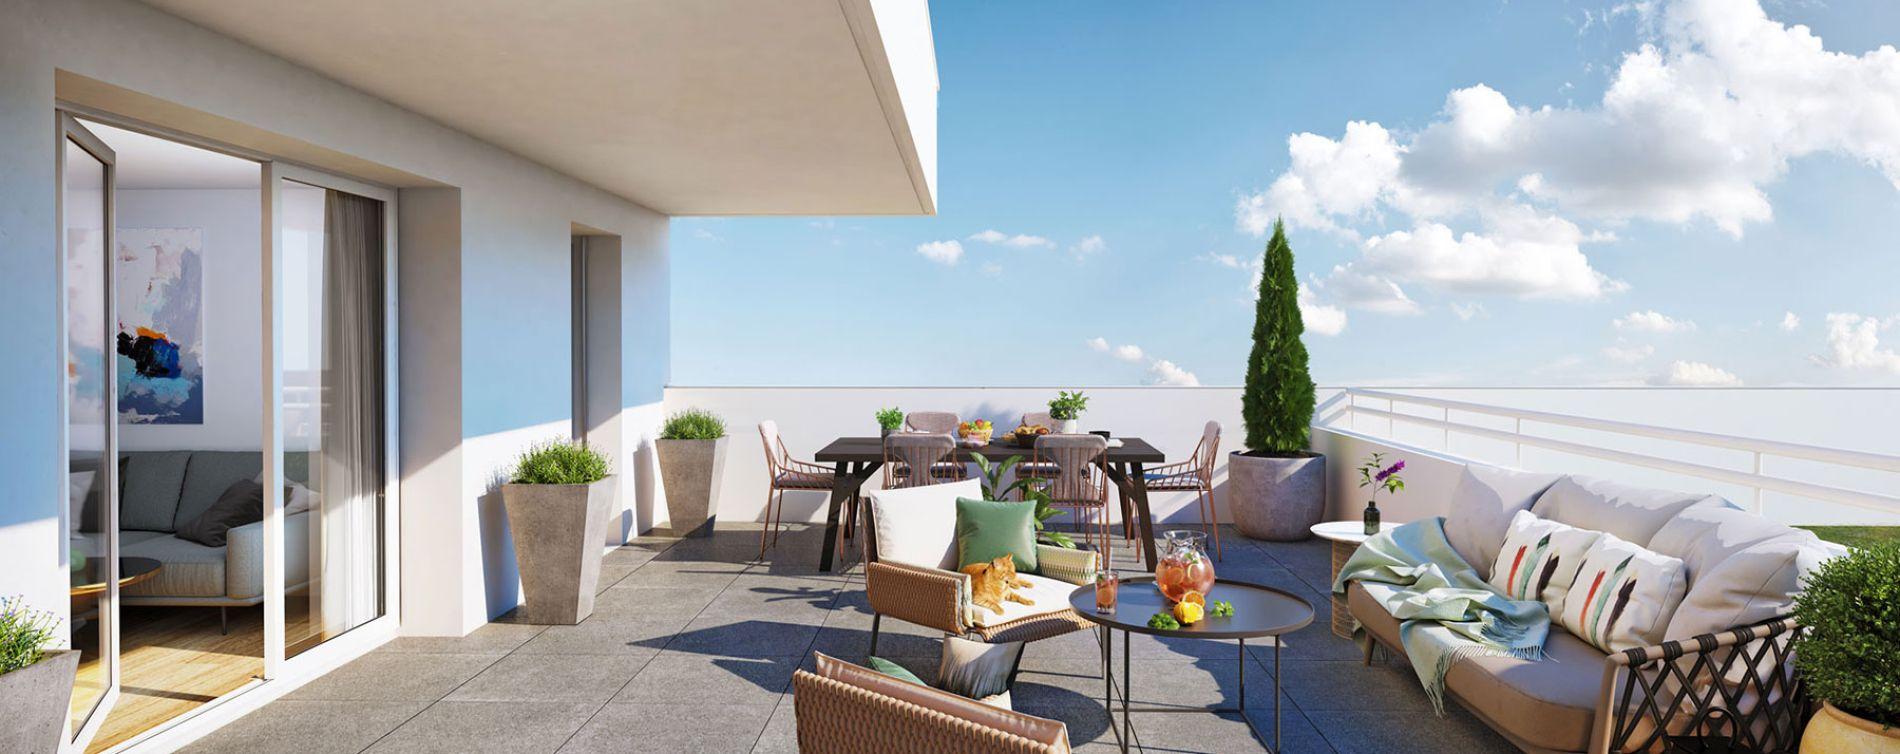 Cesson-Sévigné : programme immobilier neuve « Patio Sévigné » en Loi Pinel